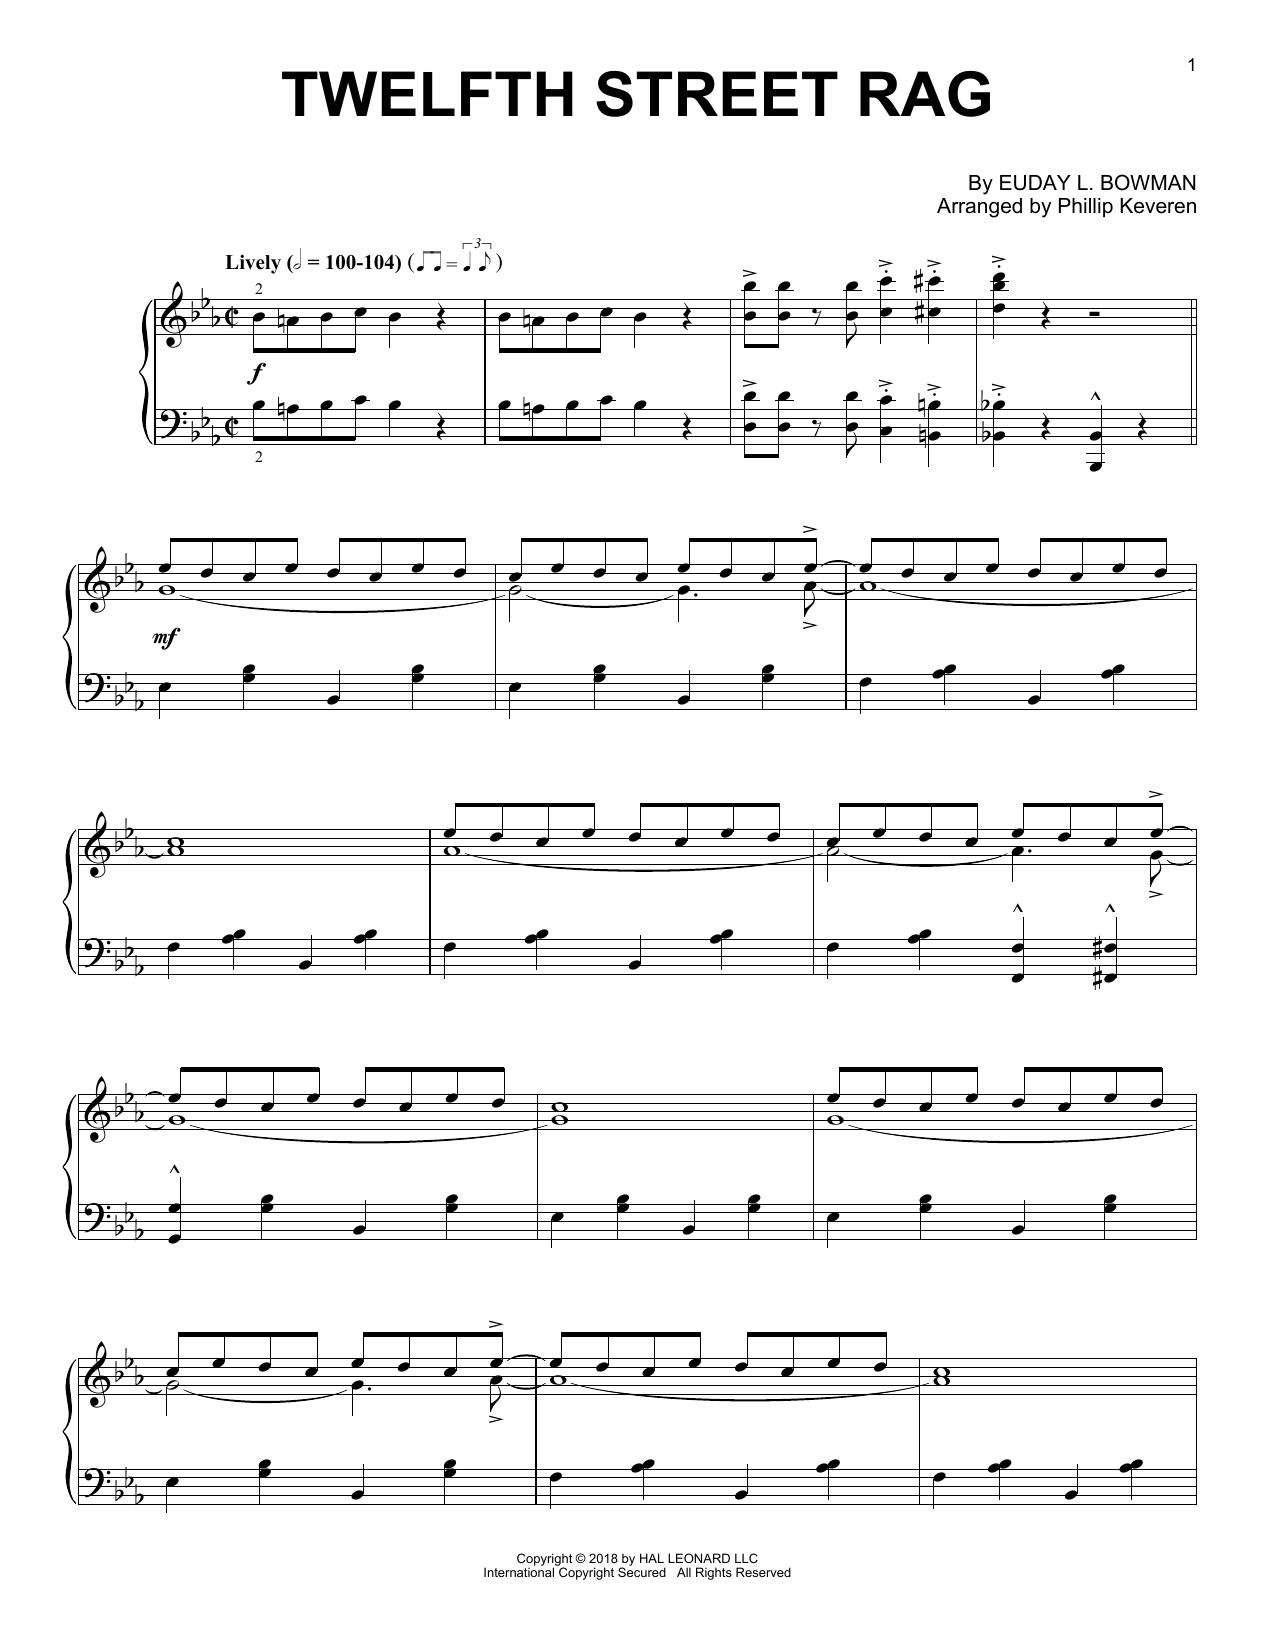 Twelfth Street Rag (arr. Phillip Keveren) (Piano Solo)